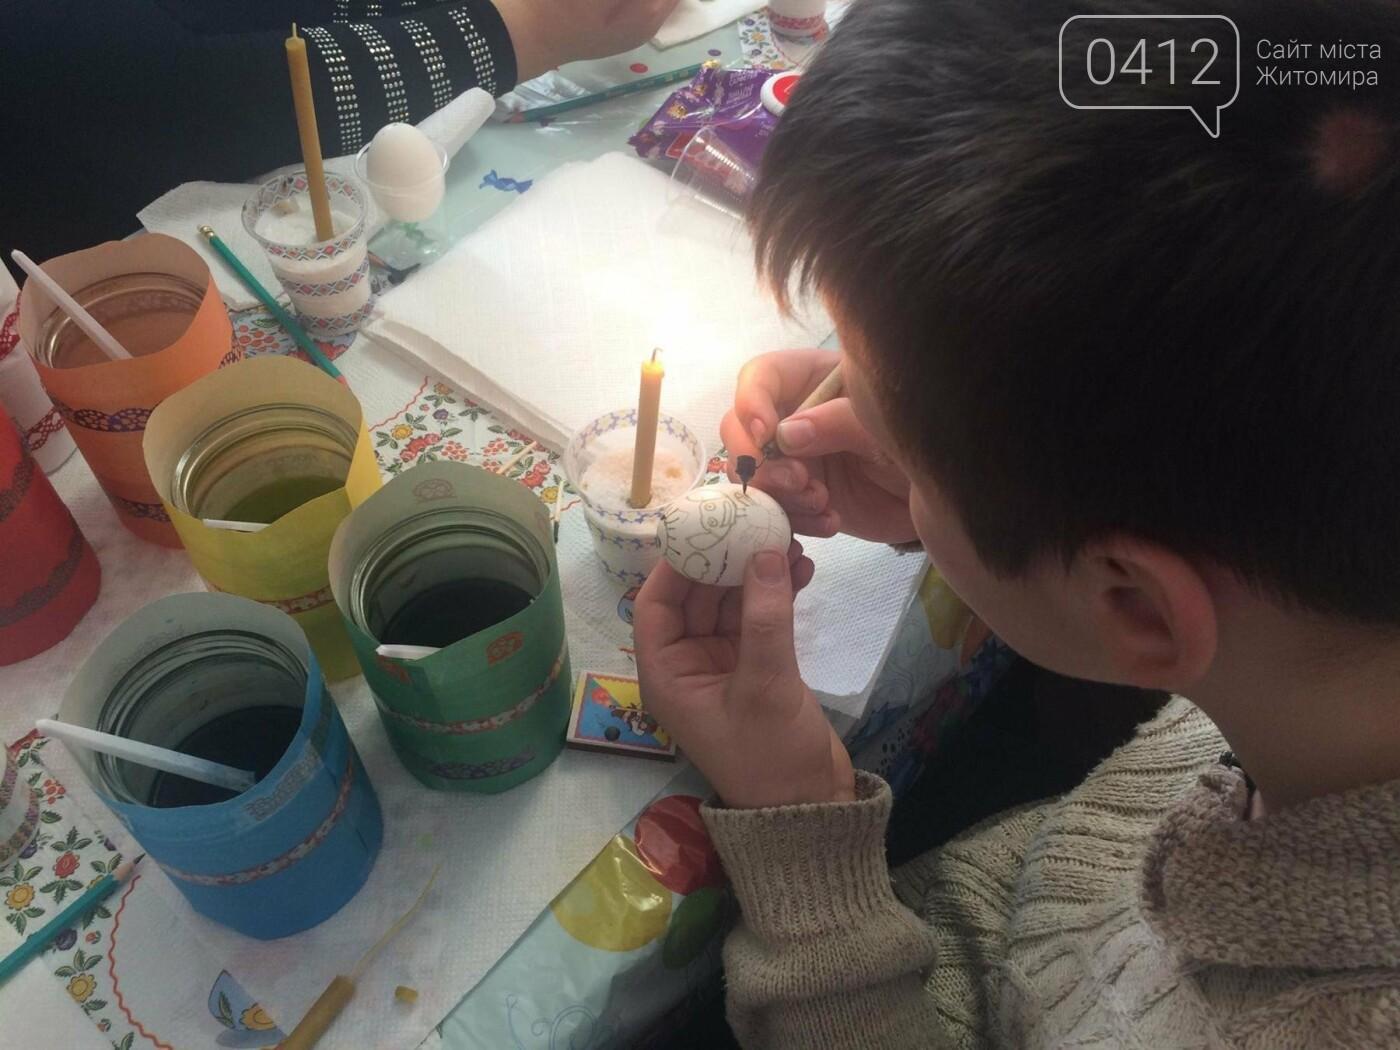 У Житомирі провели майстер-клас з писанкарства для дітей учасників АТО, фото-2